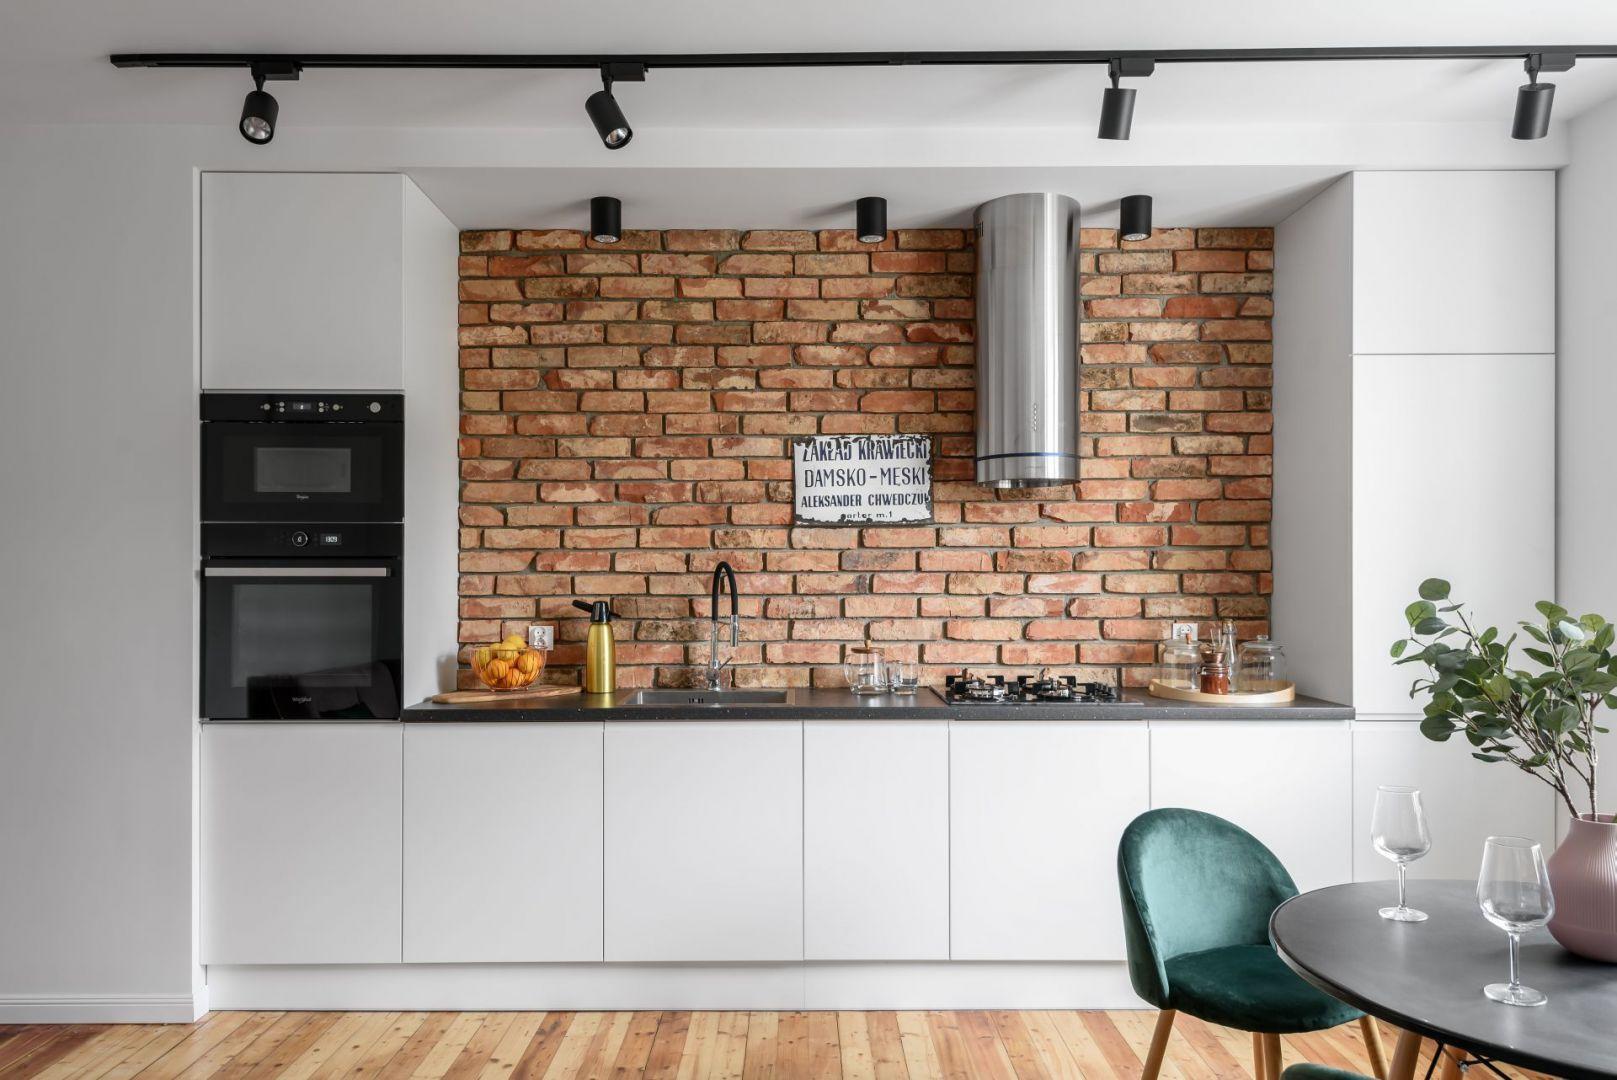 Częścią salonu jest też jednorzędowy aneks kuchenny w białym kolorze. Projekt: Magdalena i Robert Scheitza, pracownia SHLTR Architekci